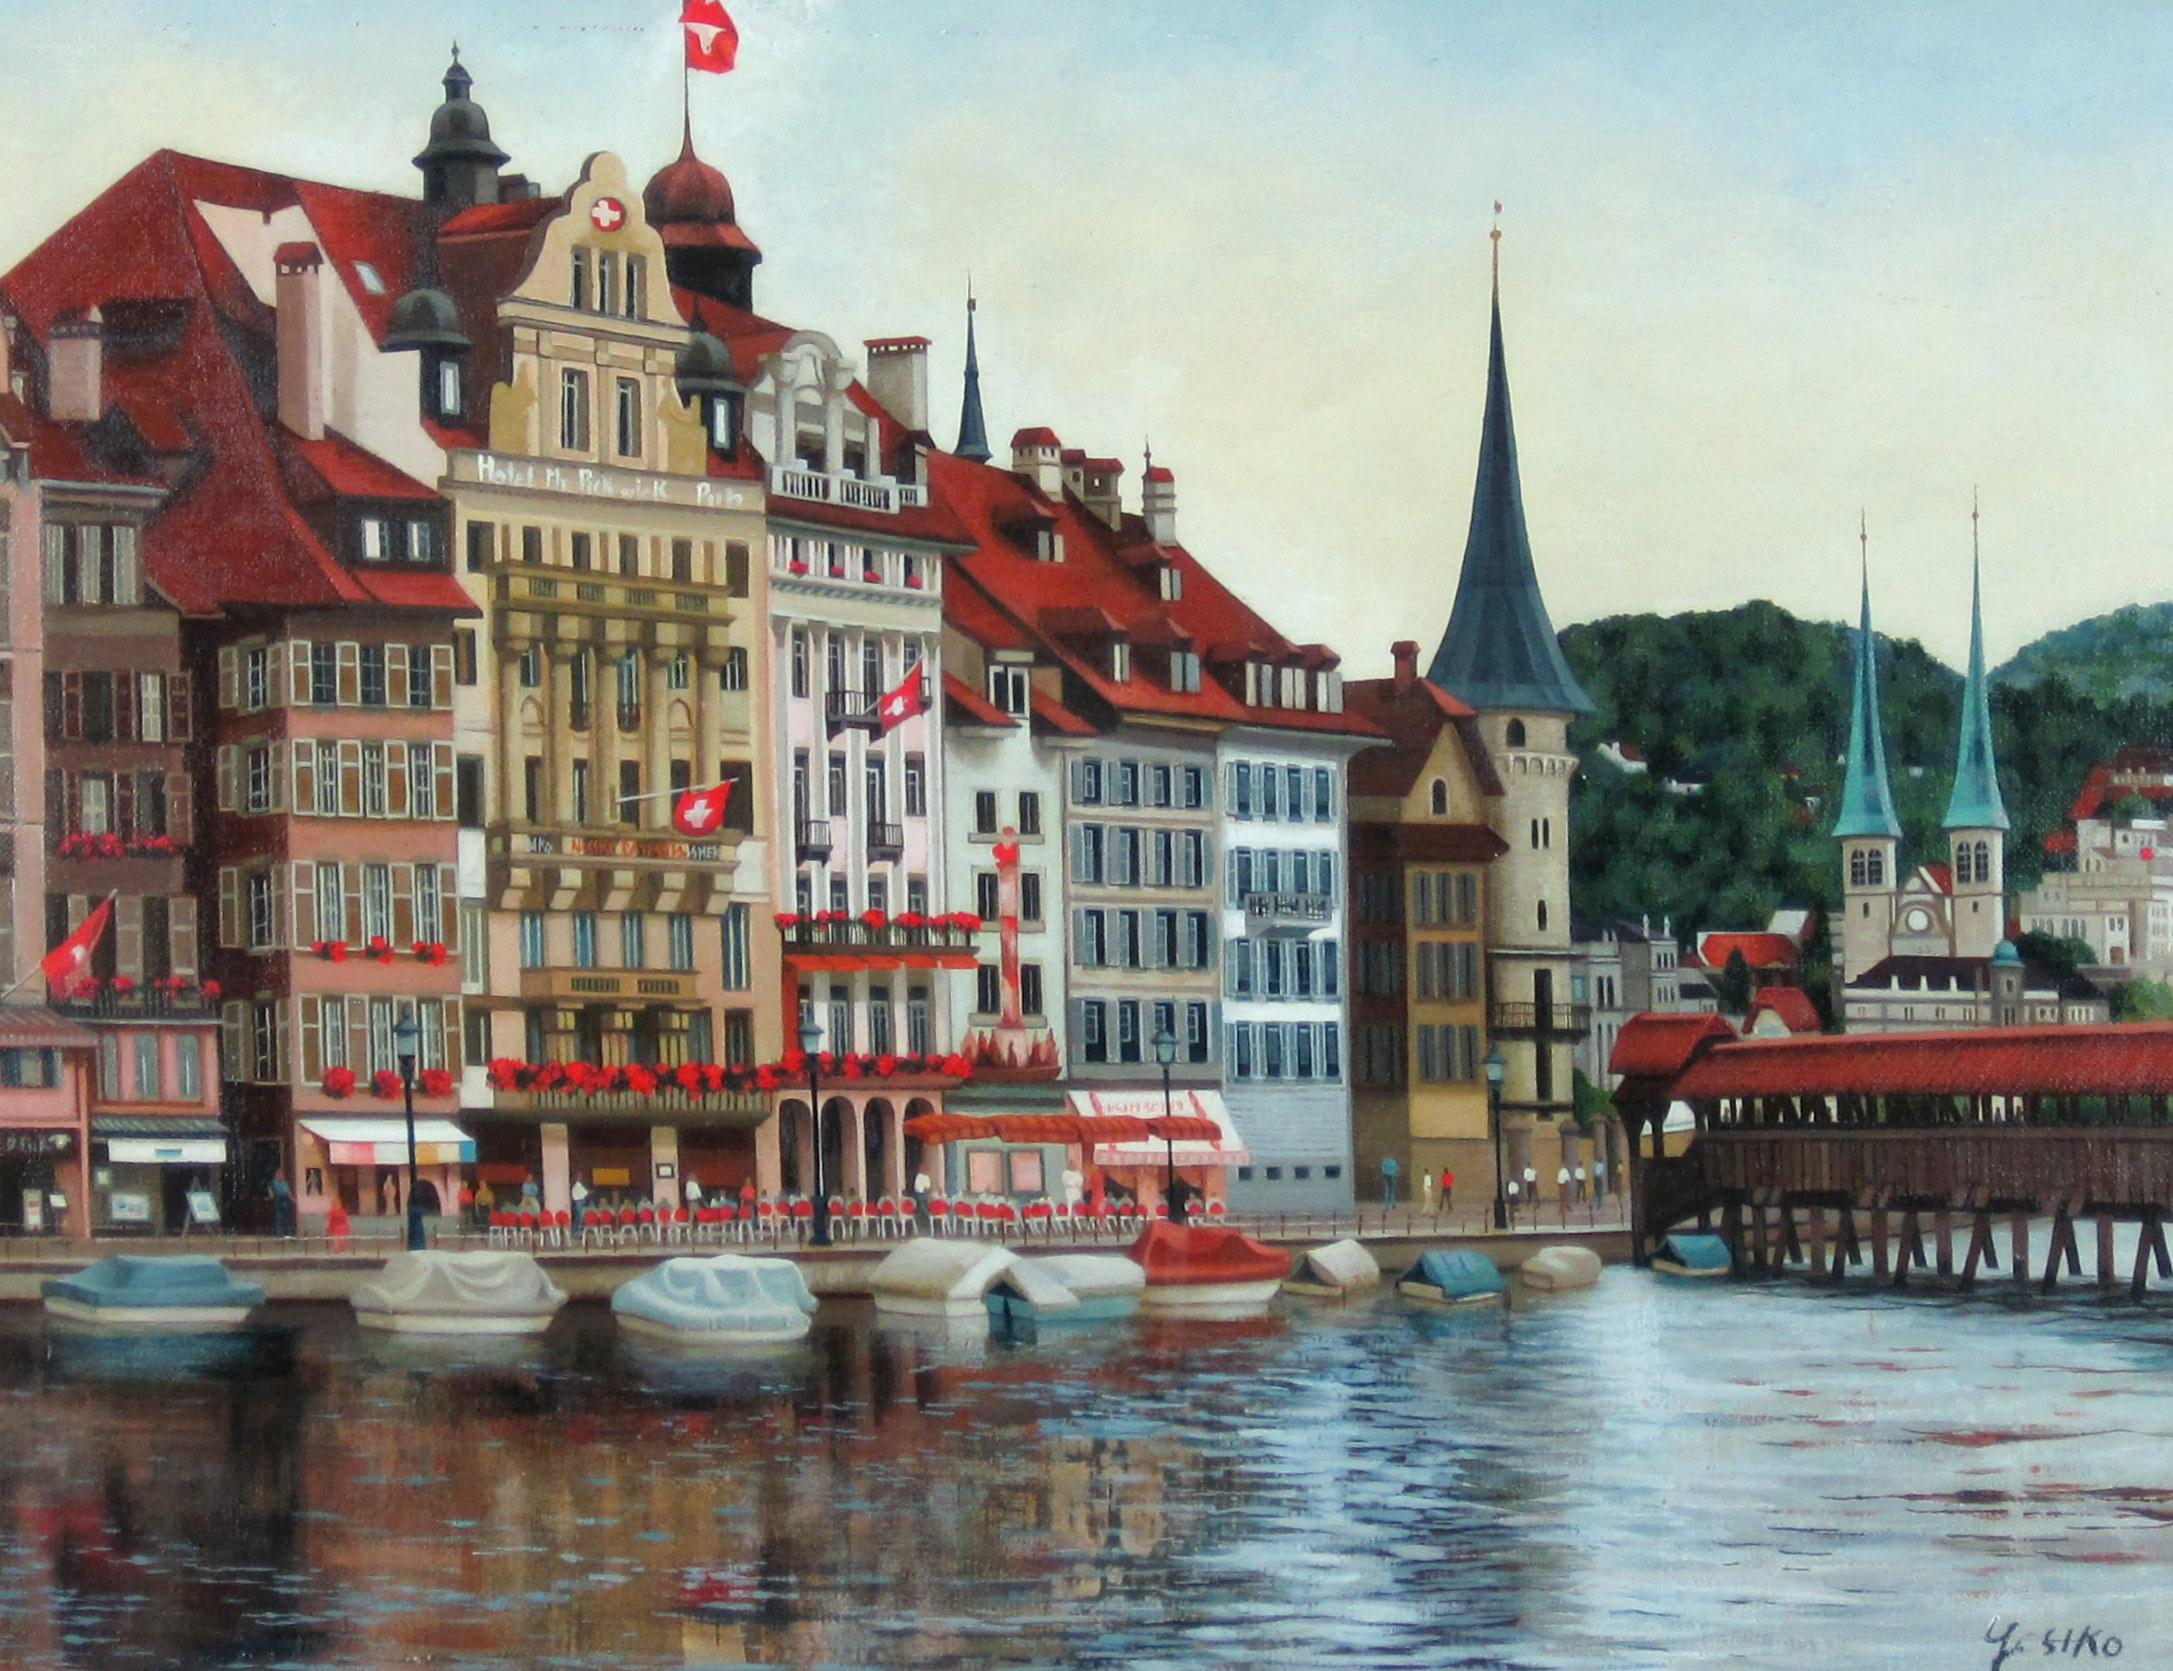 ヨーロッパ風景・志村好子 「名曲の街ルッツェルン」 油彩 P10 :外寸587×707mm